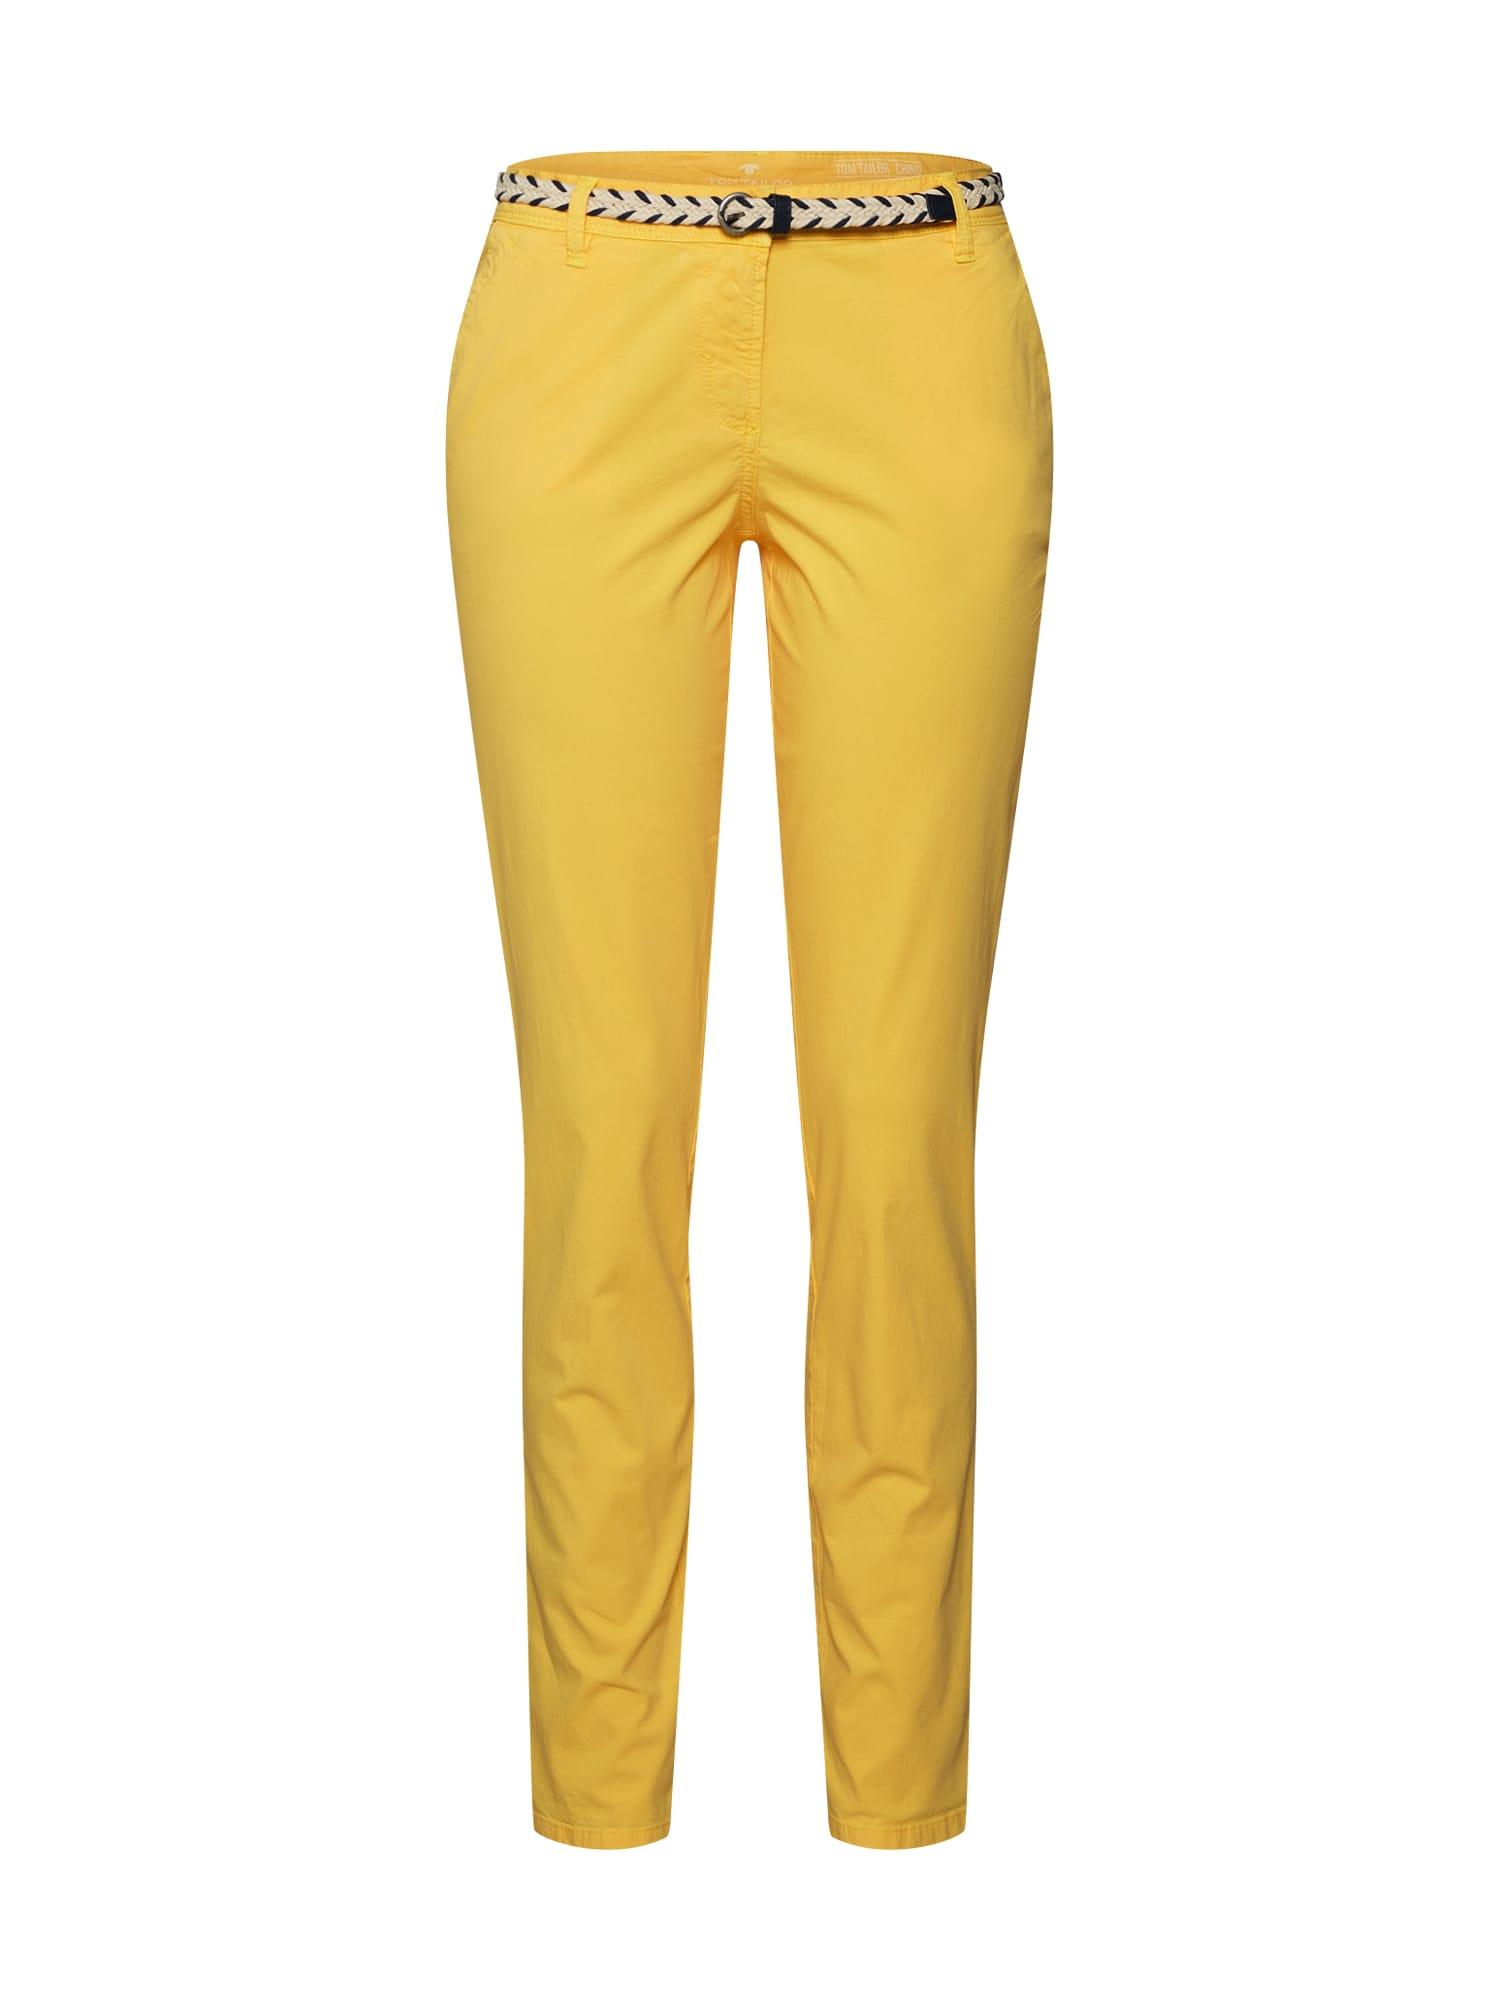 Chino kalhoty žlutá TOM TAILOR